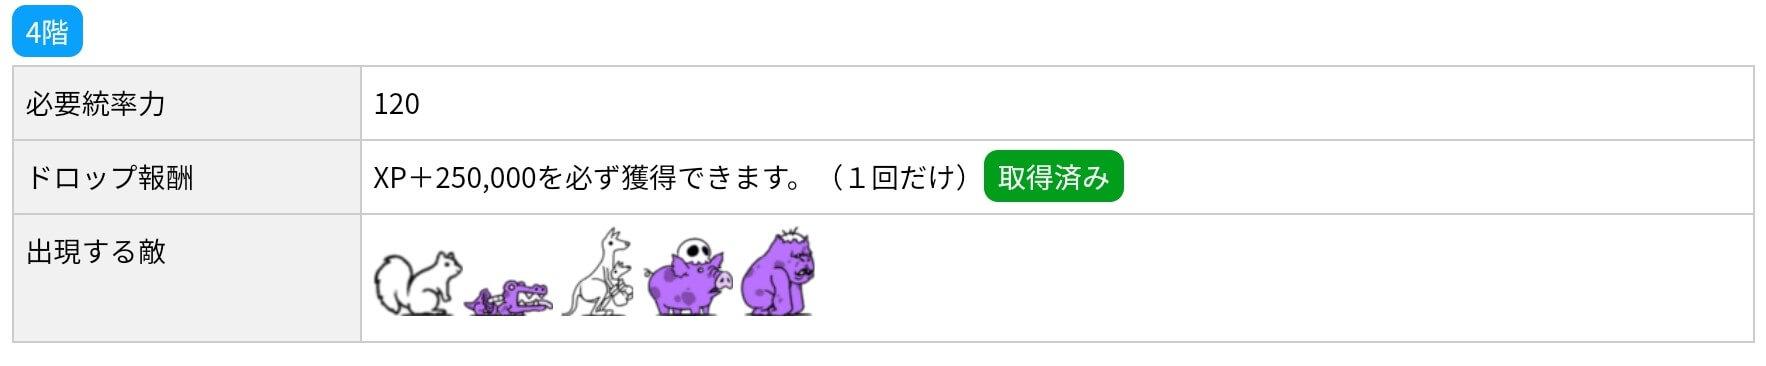 にゃんこ別塔(屍)4階 敵編成